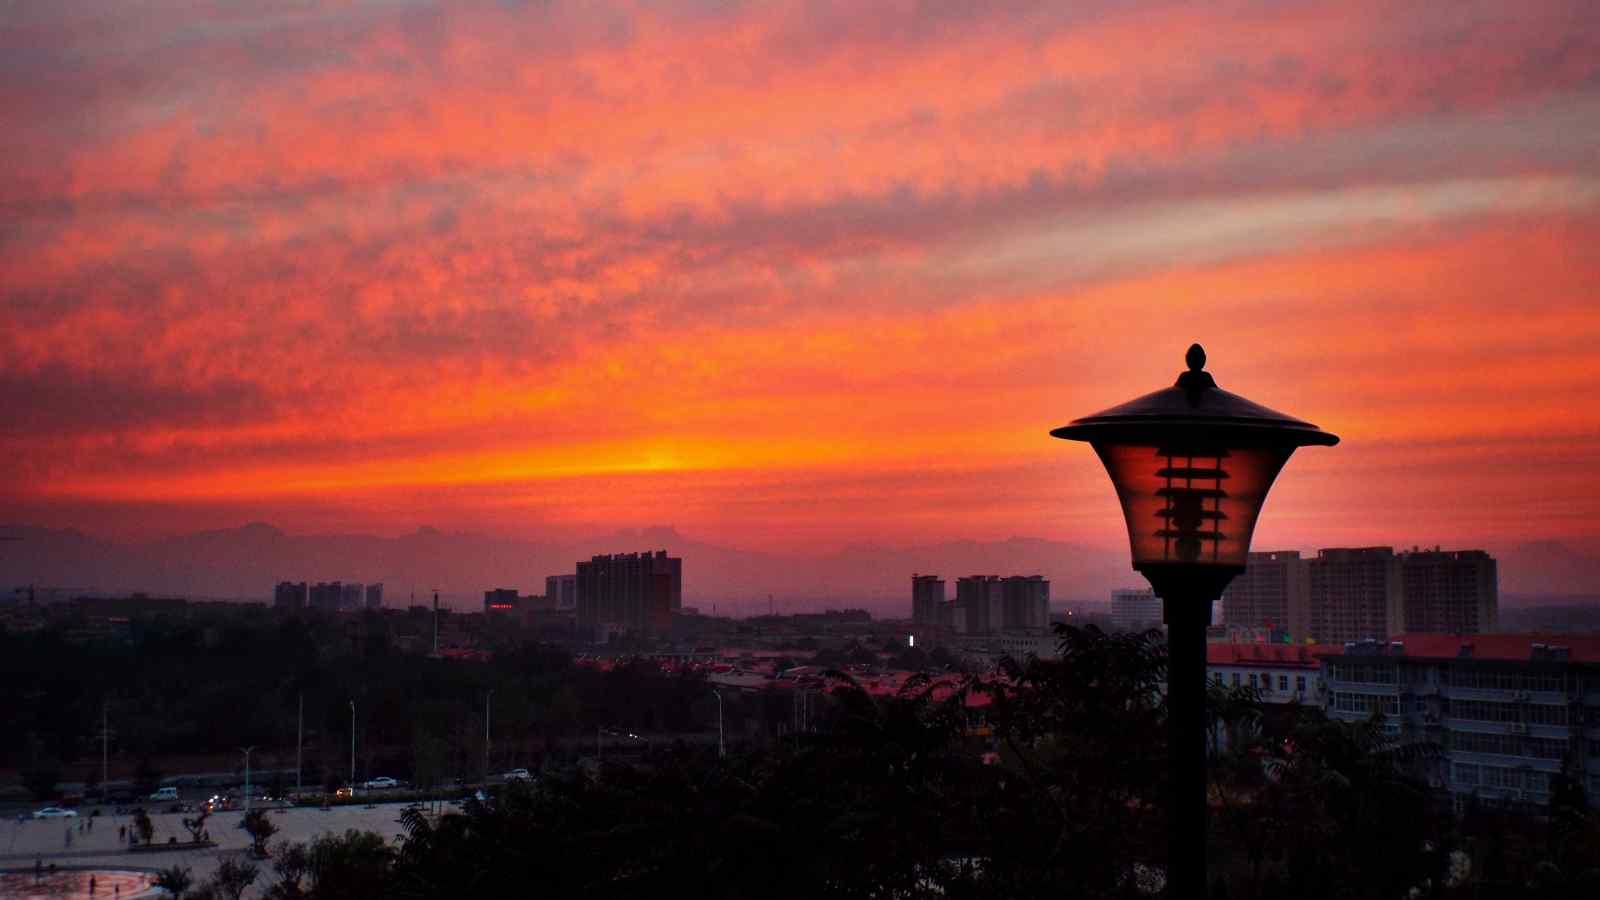 好看的城市晚霞风景图片